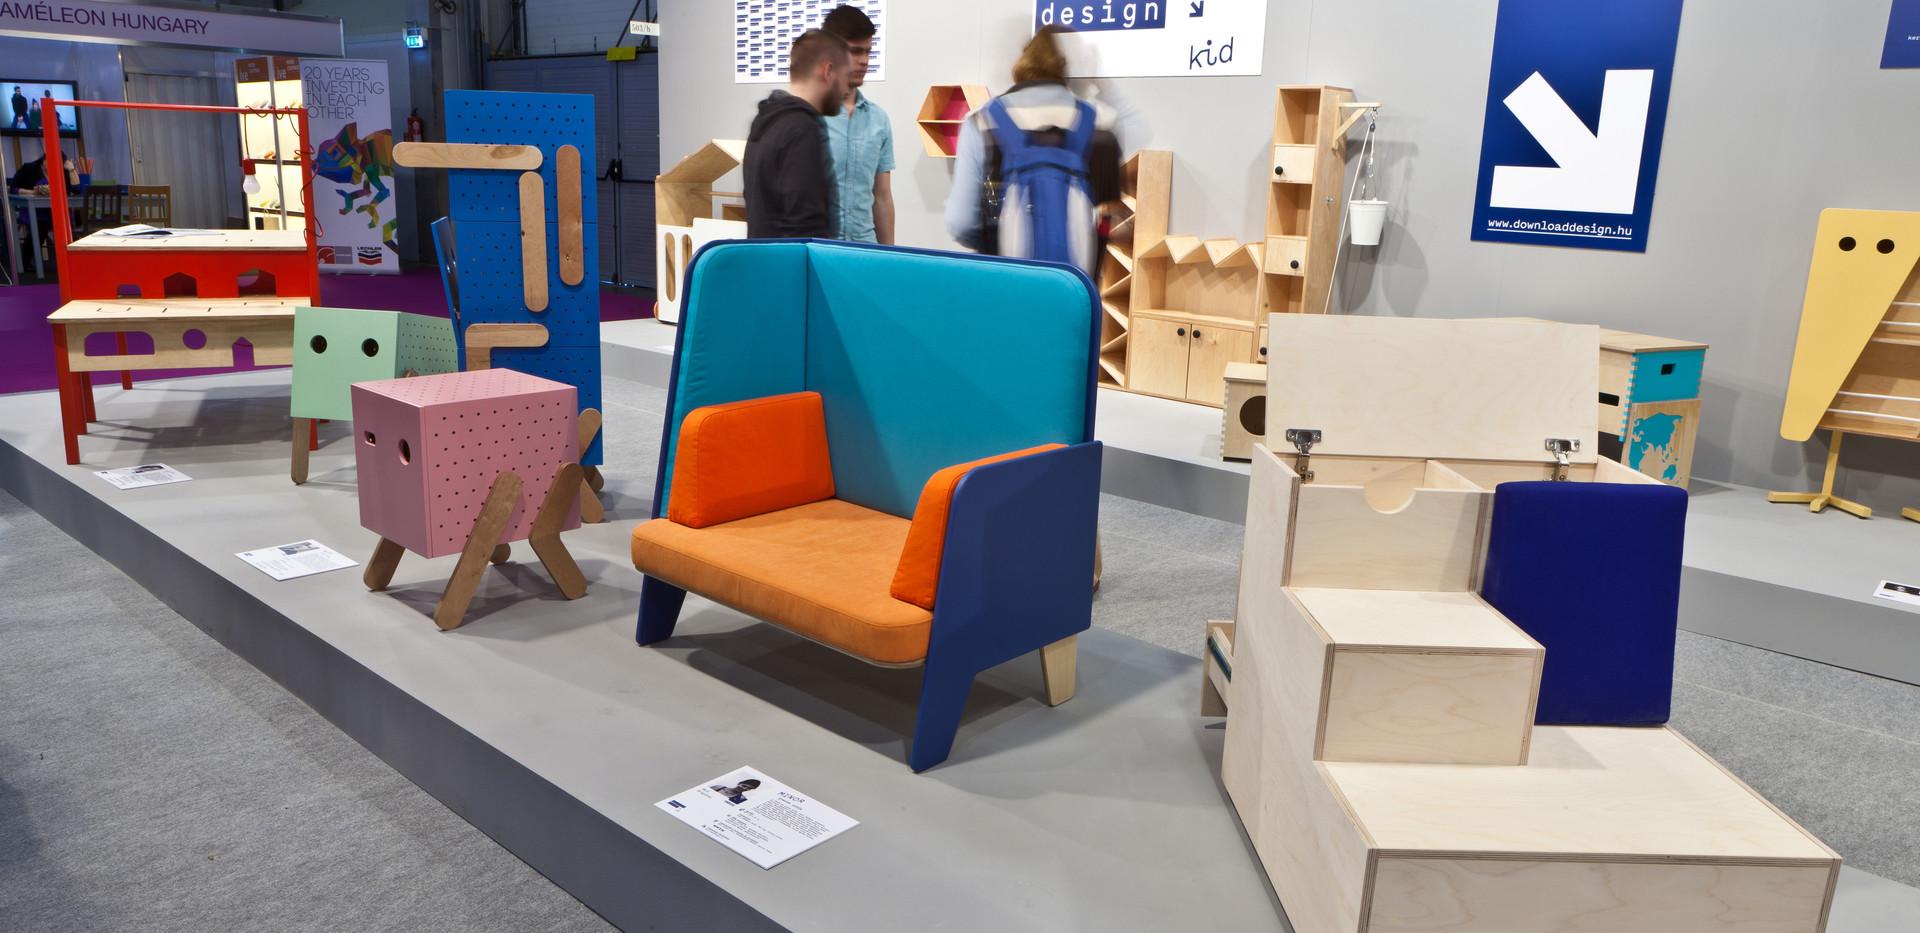 Download_Design_kid_exhibition_2017